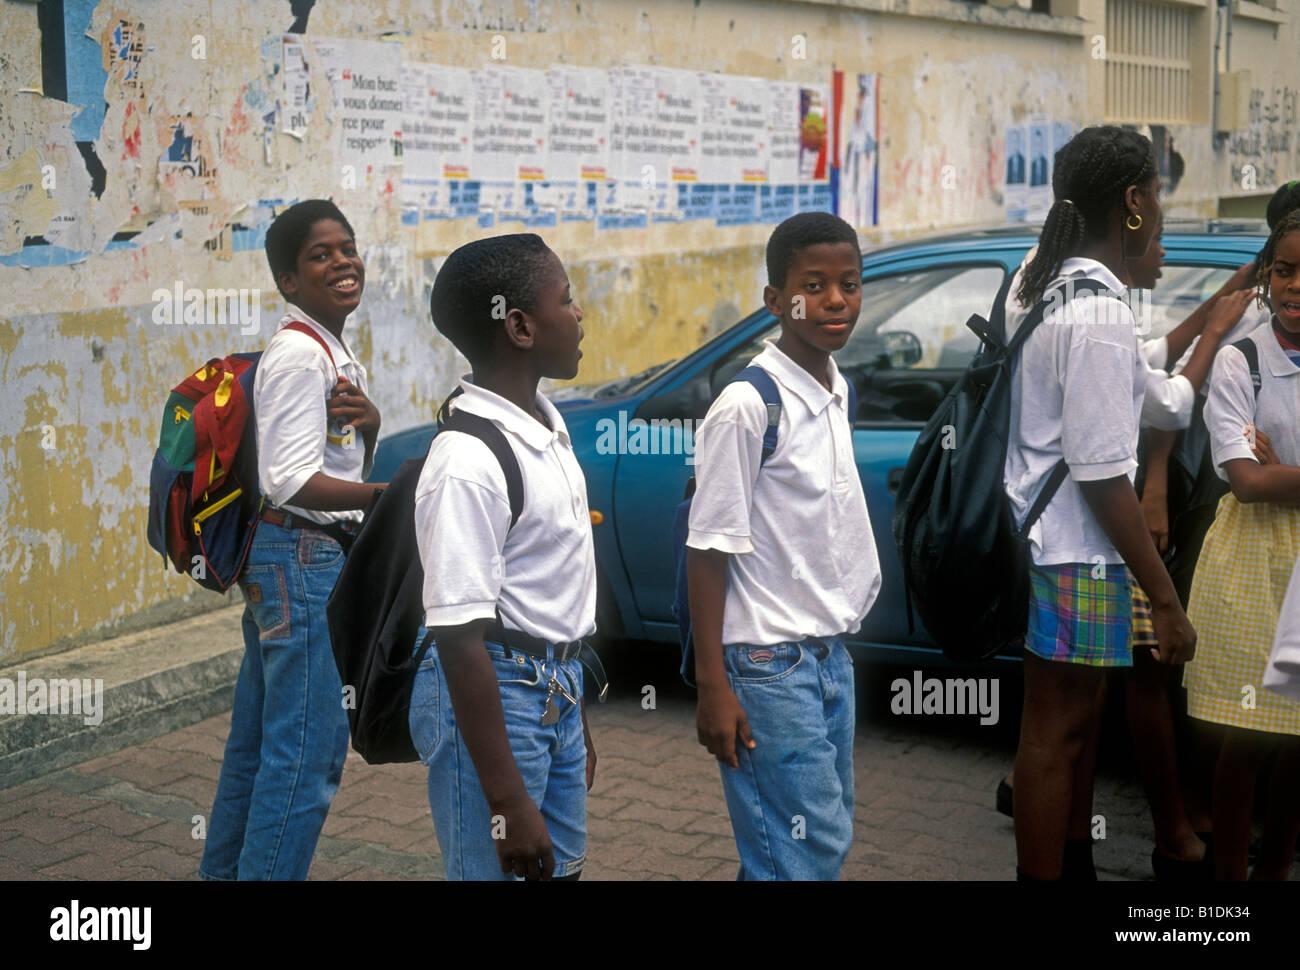 students, schoolboy, schoolboys, classmates, schoolmates, College Courbaril, school, Pointe-Noire, Basse-Terre, - Stock Image